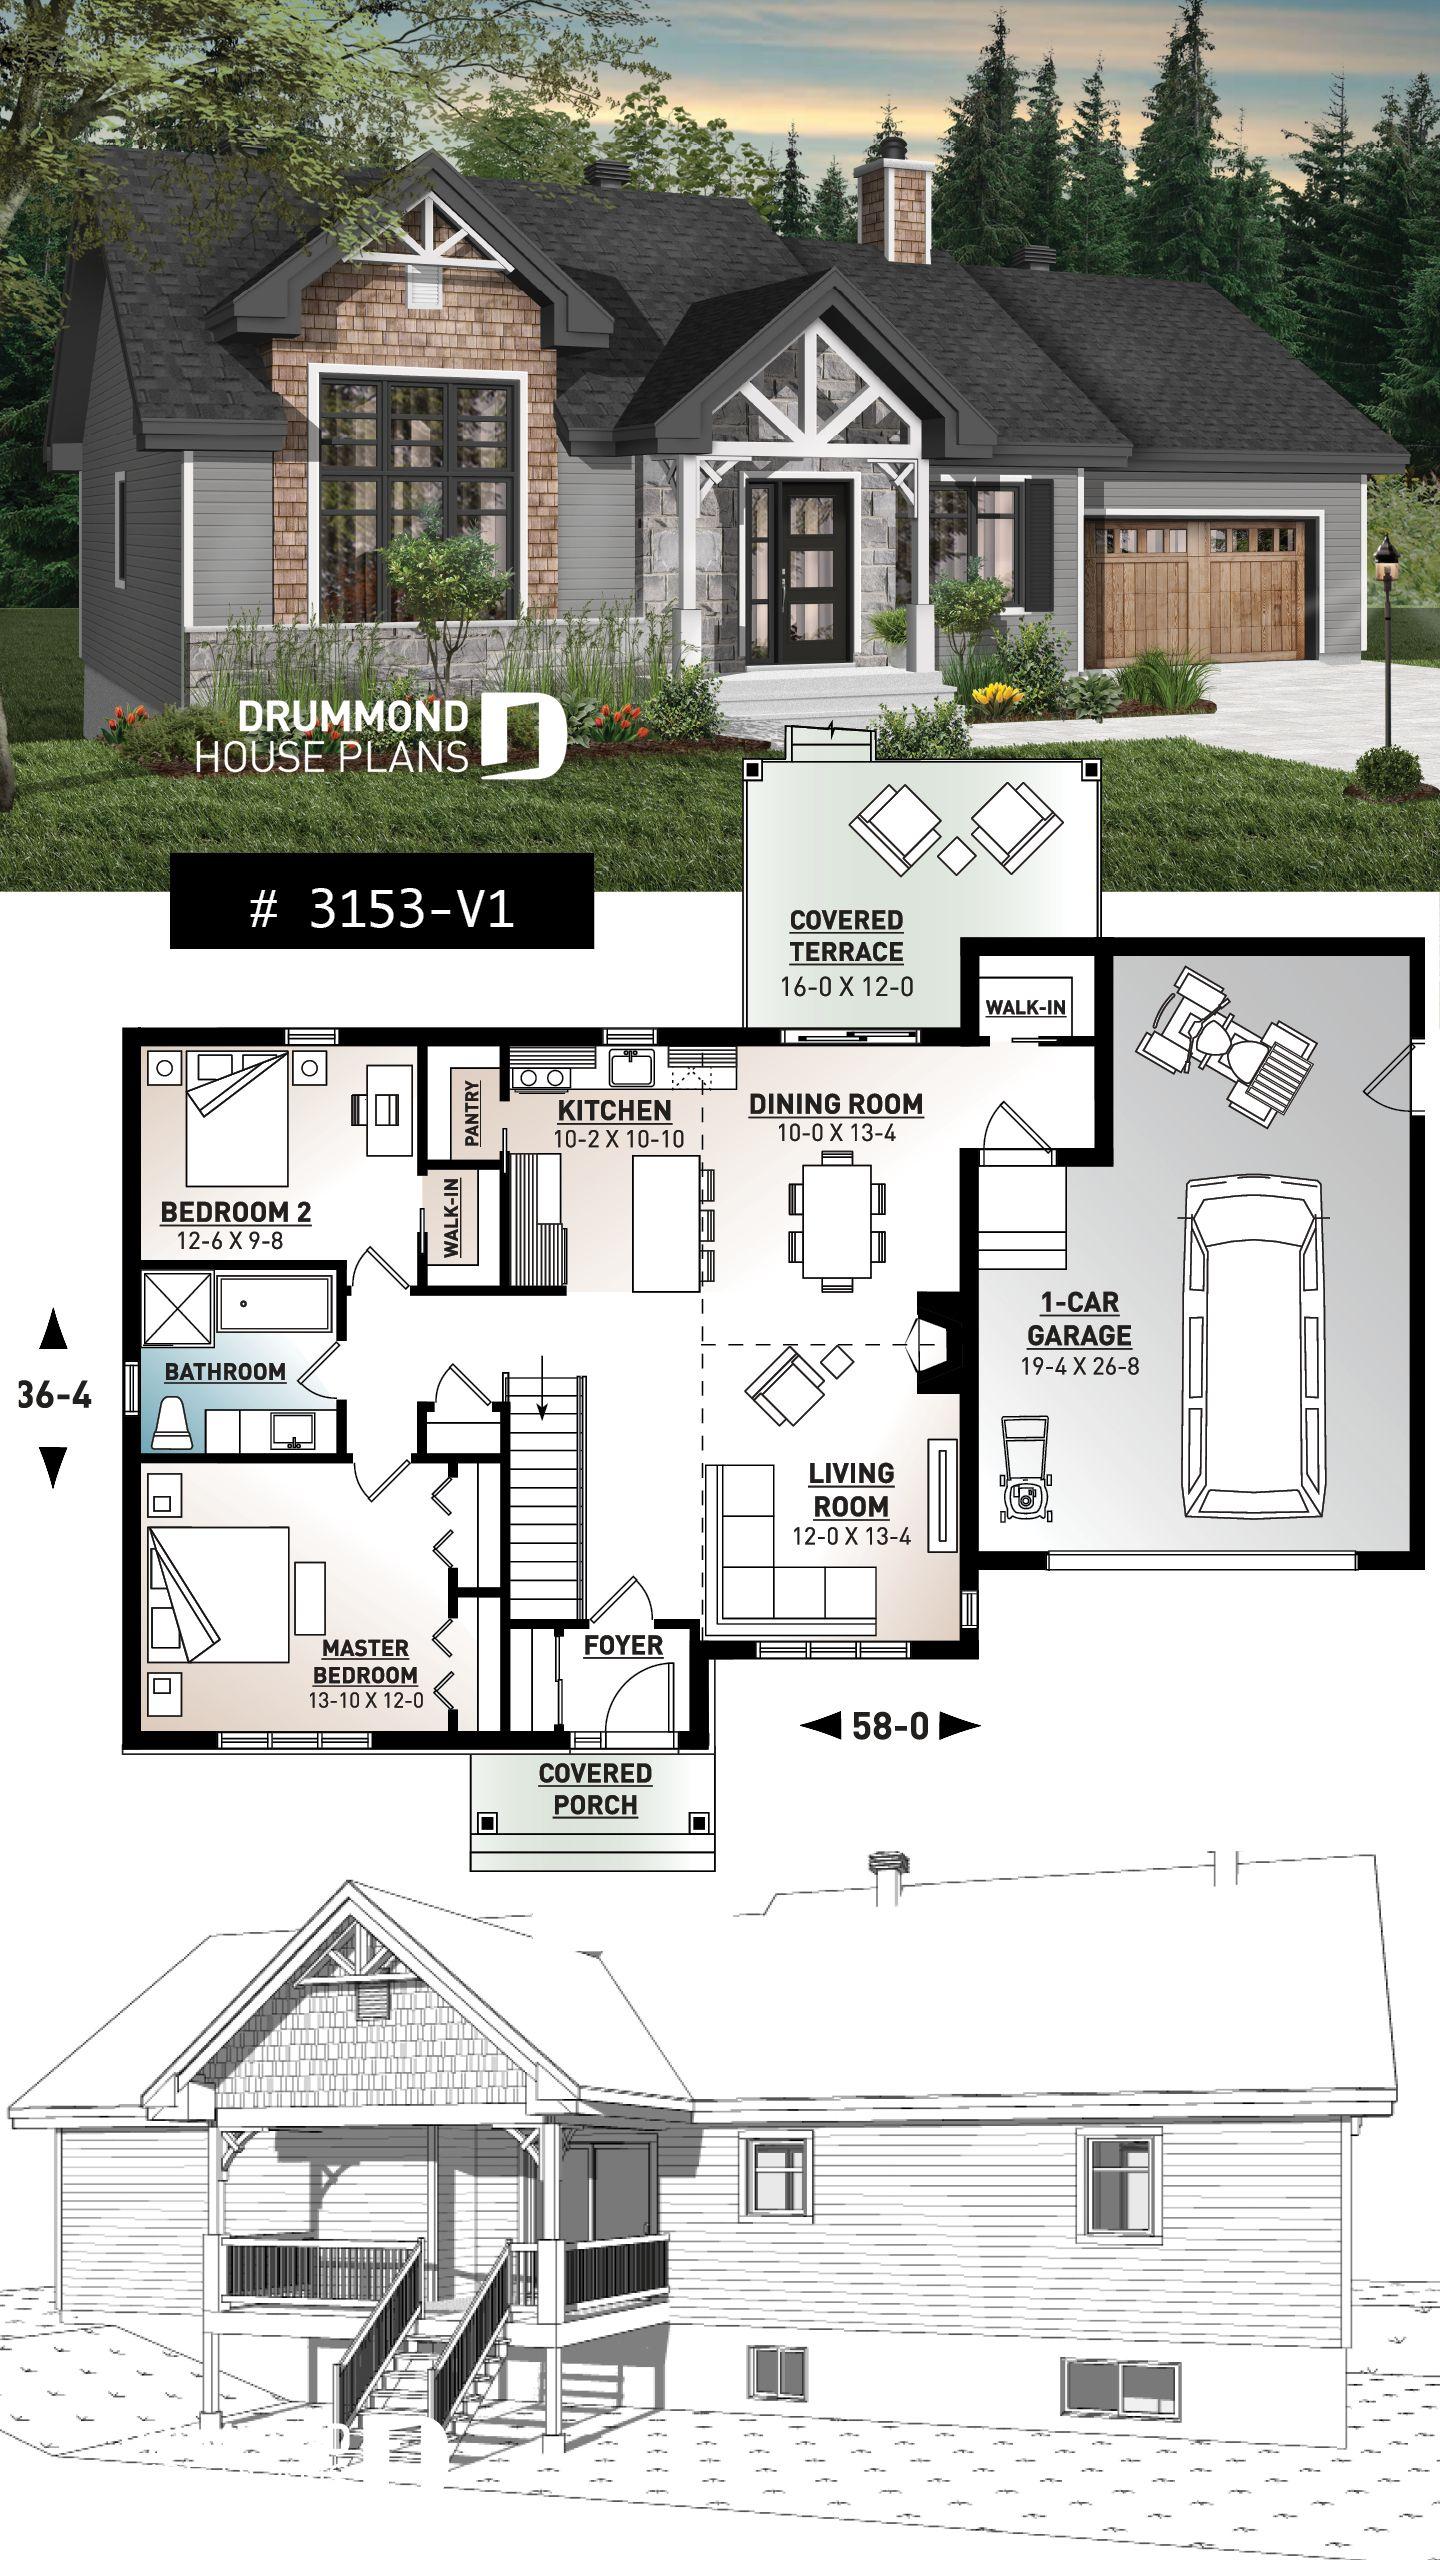 Decouvrez Le Plan 3153 V1 Barrington 2 Qui Vous Plaira Pour Ses 2 Chambres Et Son Style Nordique Small Bungalow Ranch House Plans Bungalow House Plans